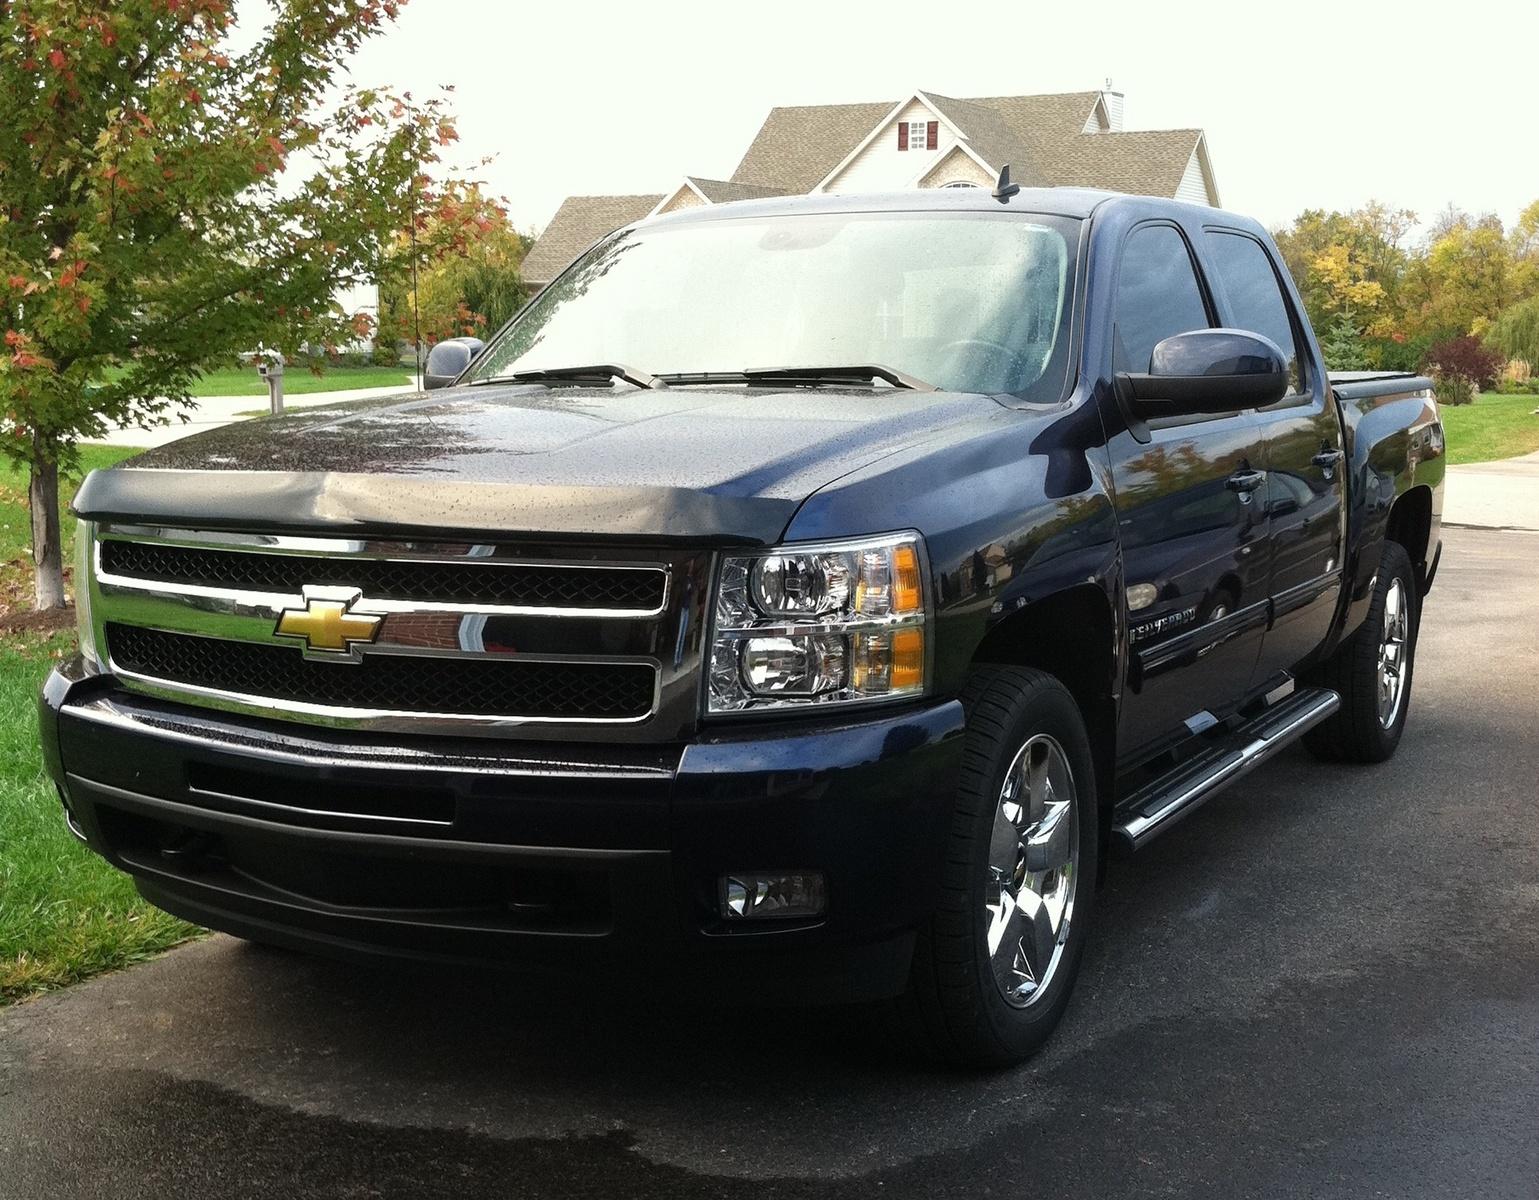 2012 Chevrolet Silverado Wd Crew Cab Vs 2012 >> Search Results Lariat F 150 Vs Gmc 2013.html - Autos Weblog